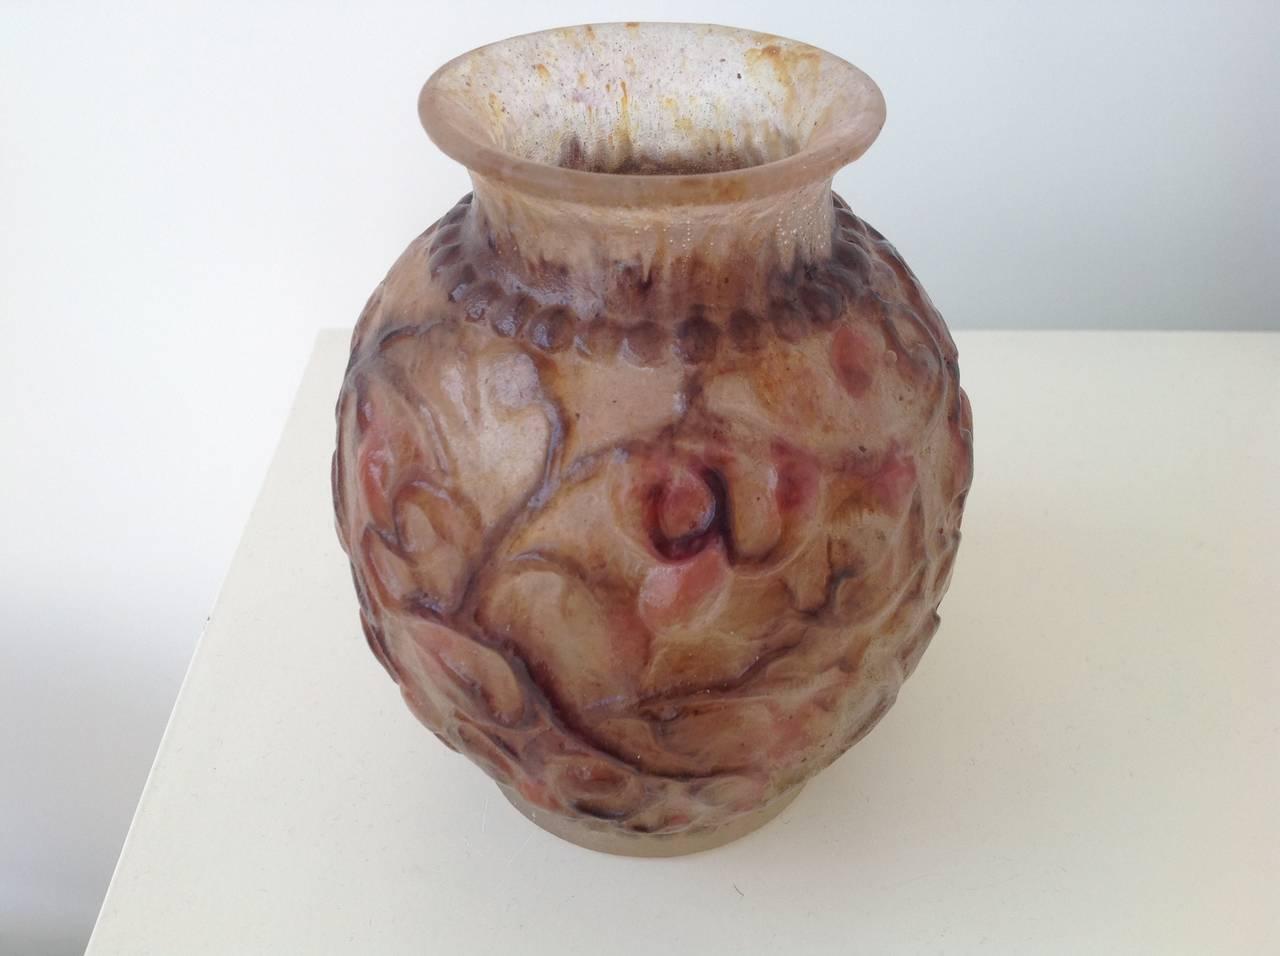 art deco vase p te de verre by gabriel argy rousseau for sale at 1stdibs. Black Bedroom Furniture Sets. Home Design Ideas